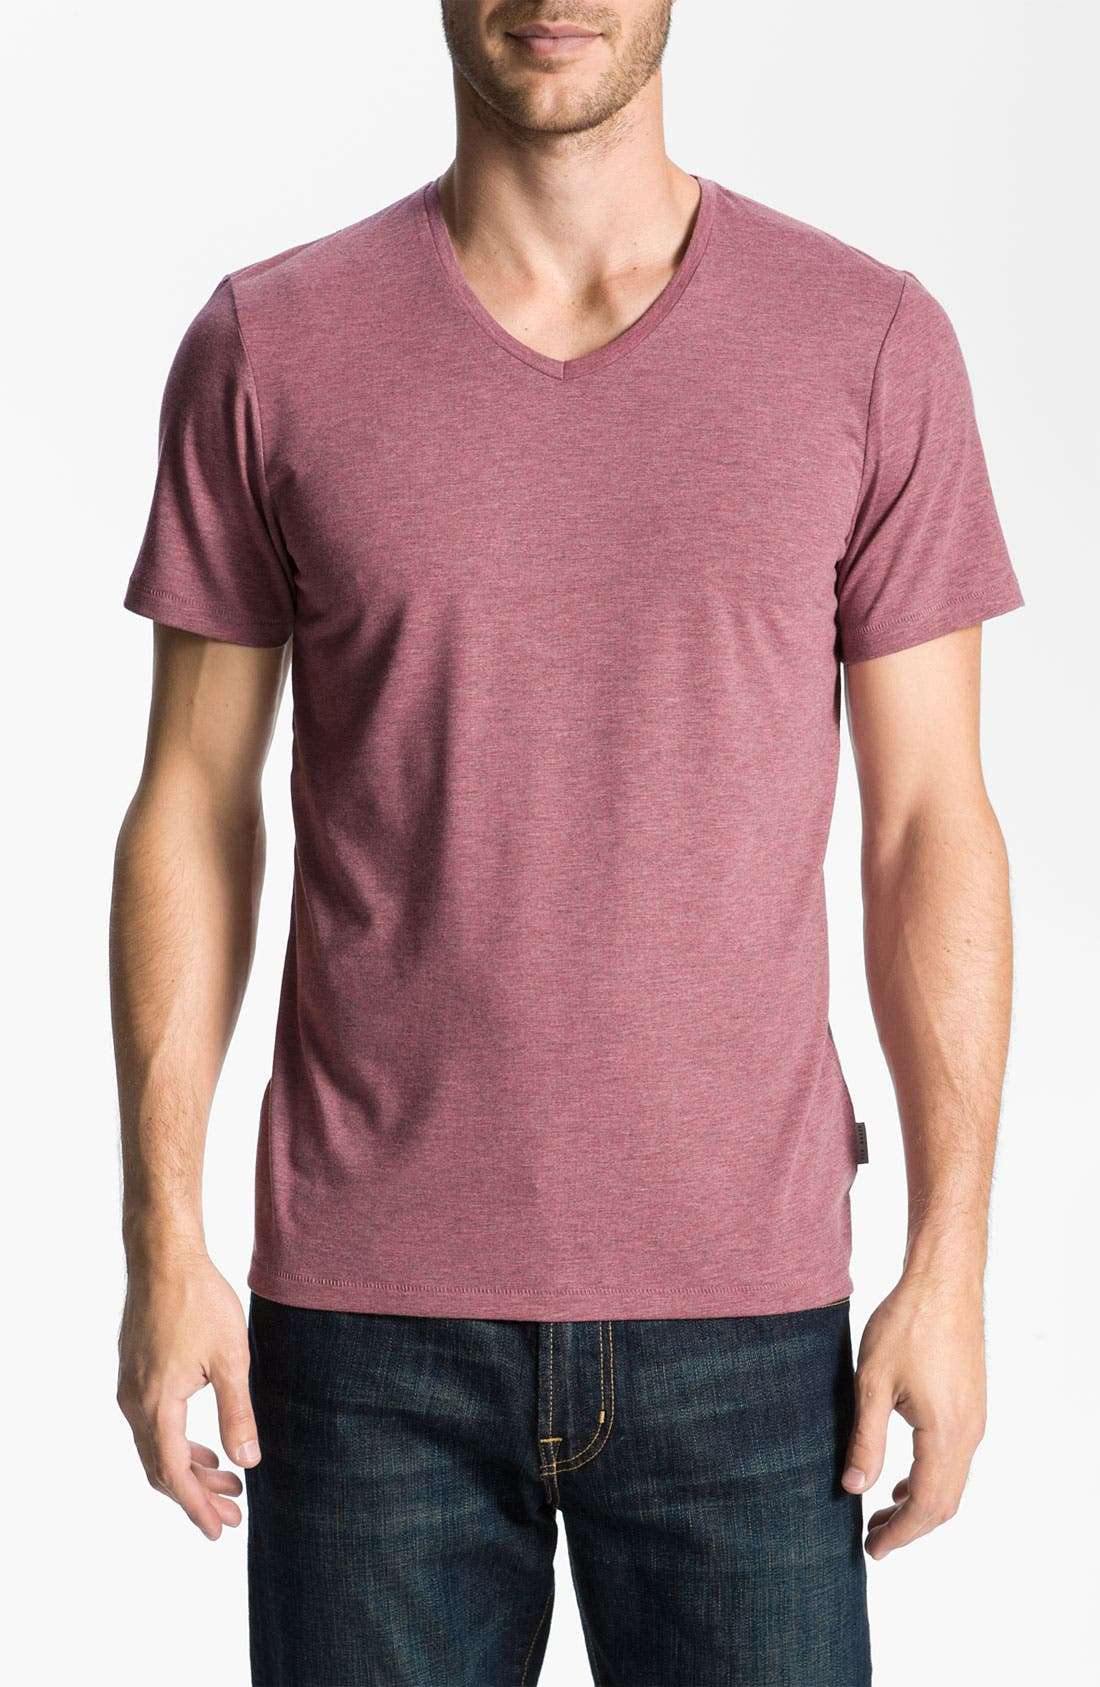 Alternate Image 1 Selected - Ted Baker London V-Neck T-Shirt